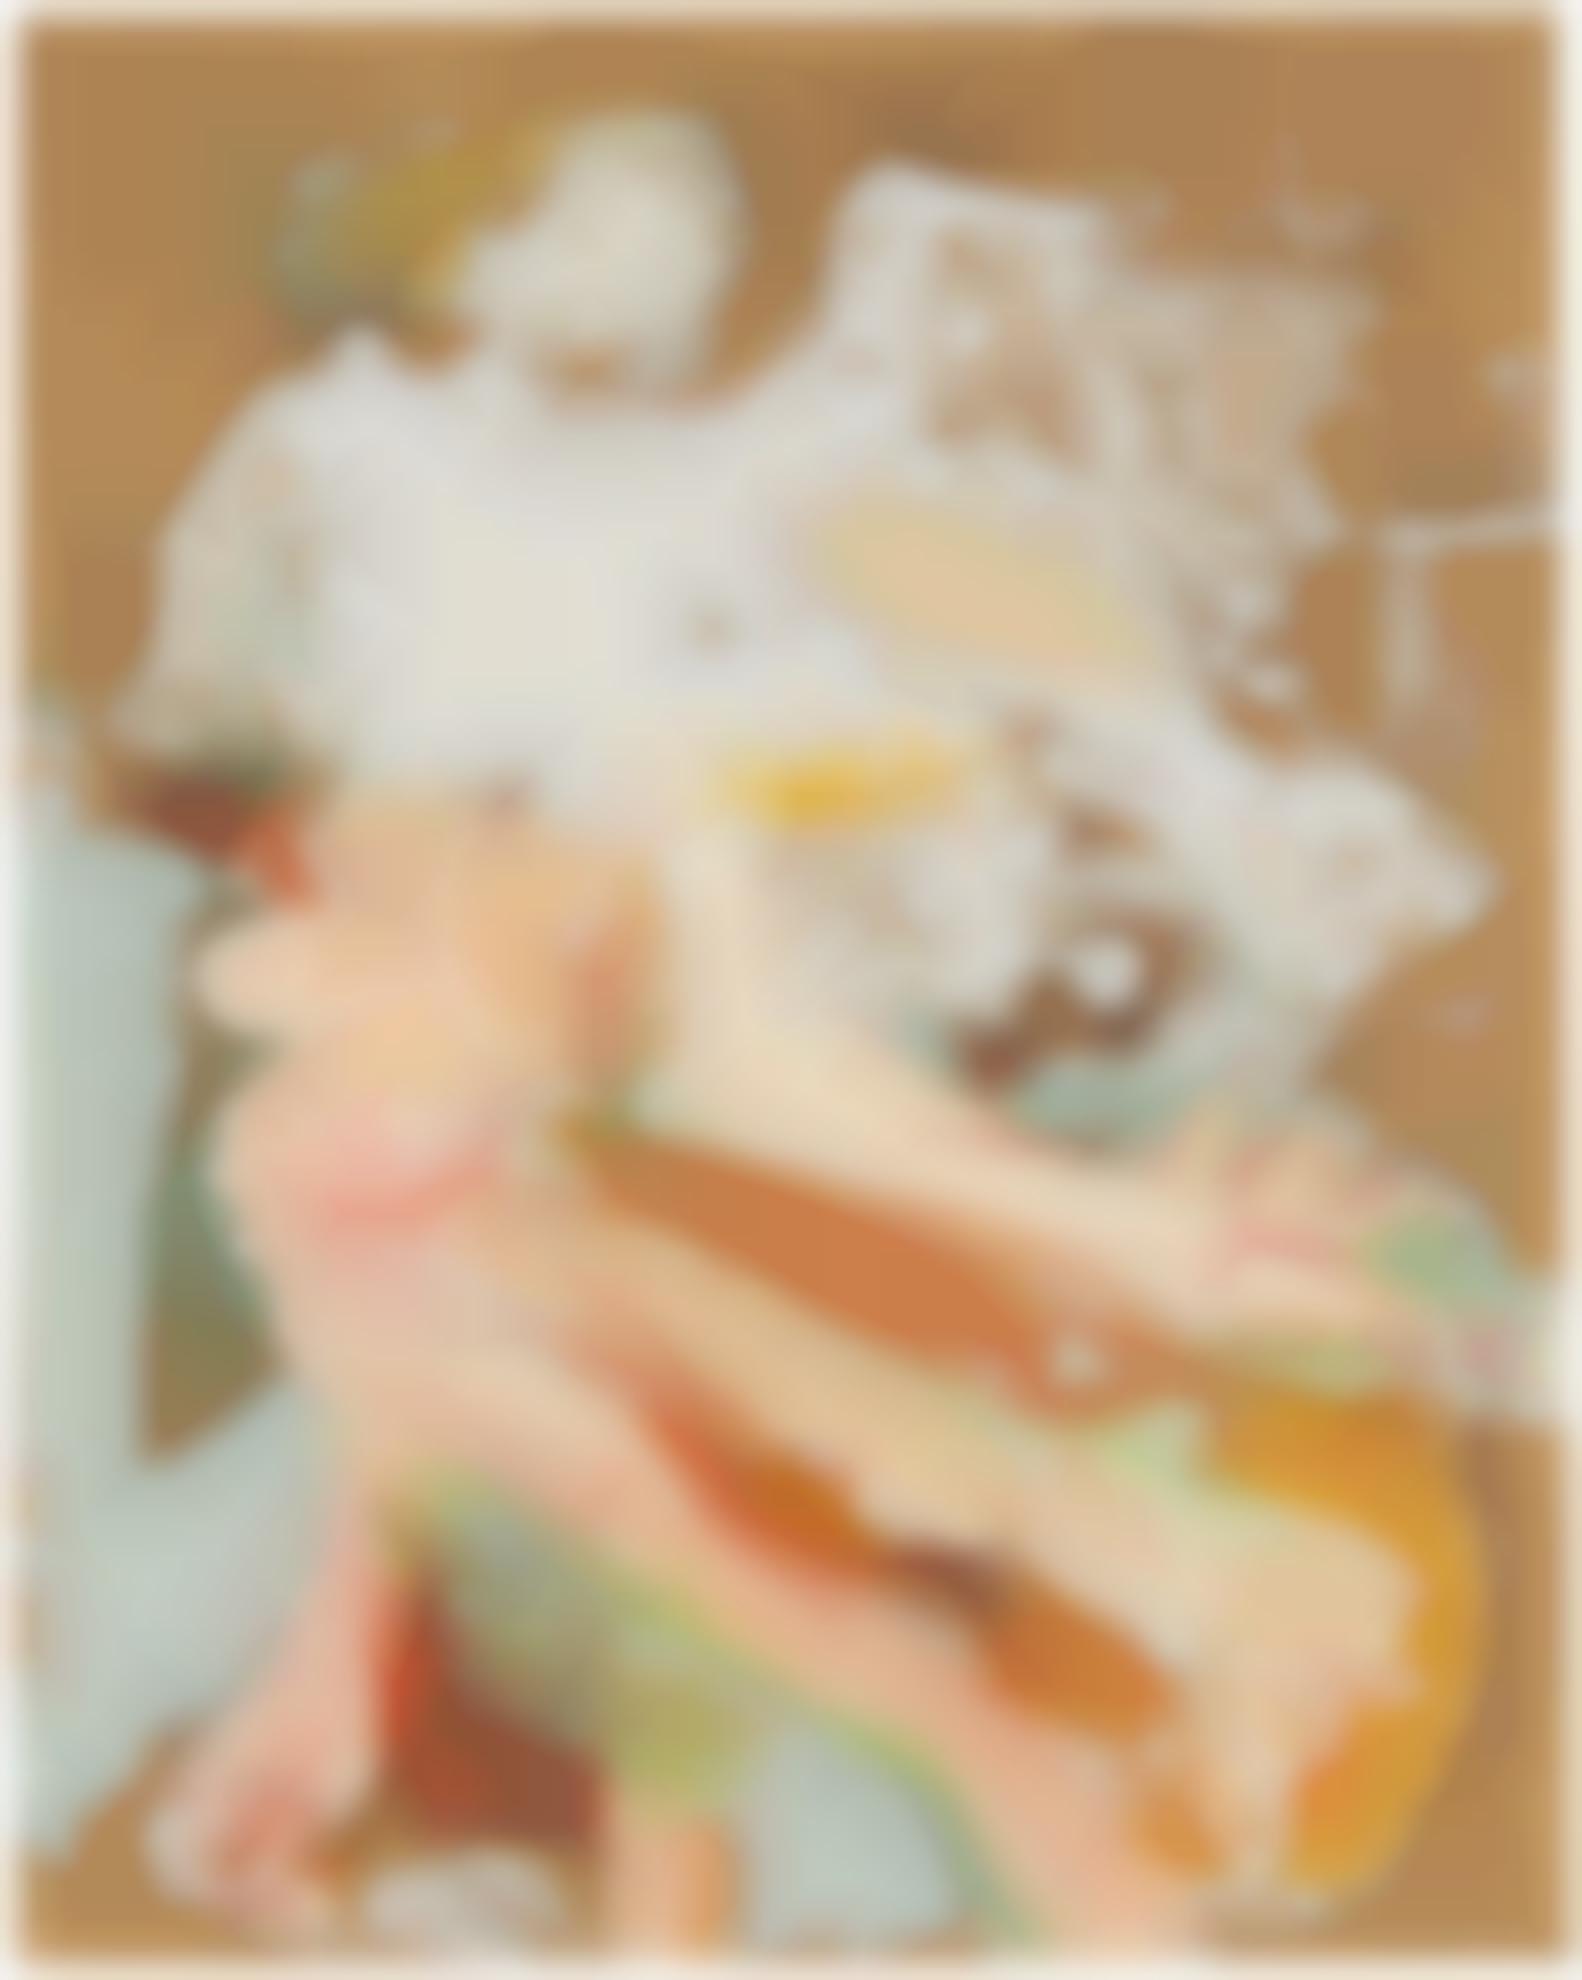 Willem de Kooning-Untitled (Floating Woman)-1962